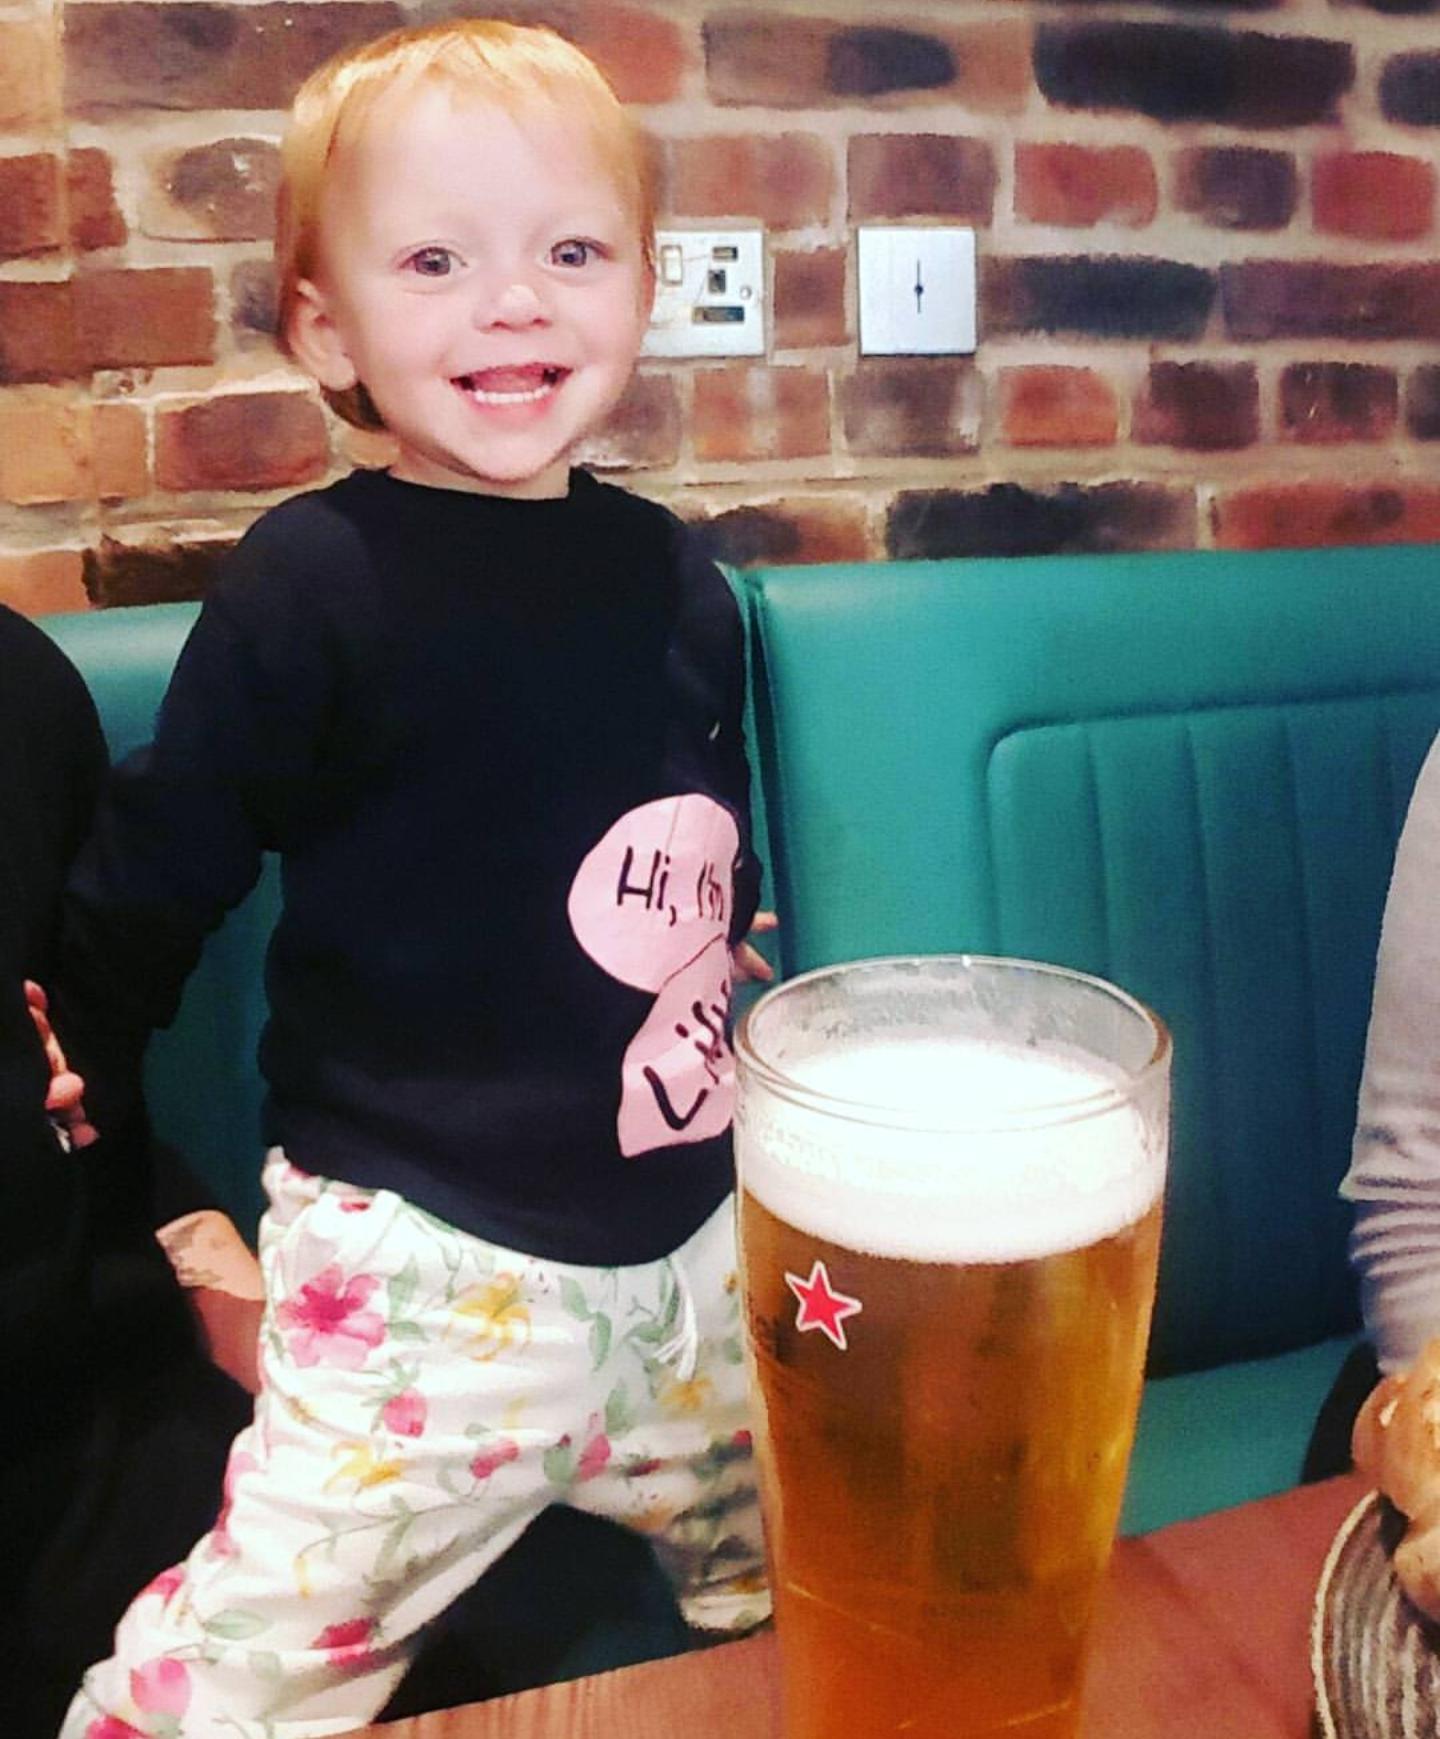 Cheeky pint at the bar...!